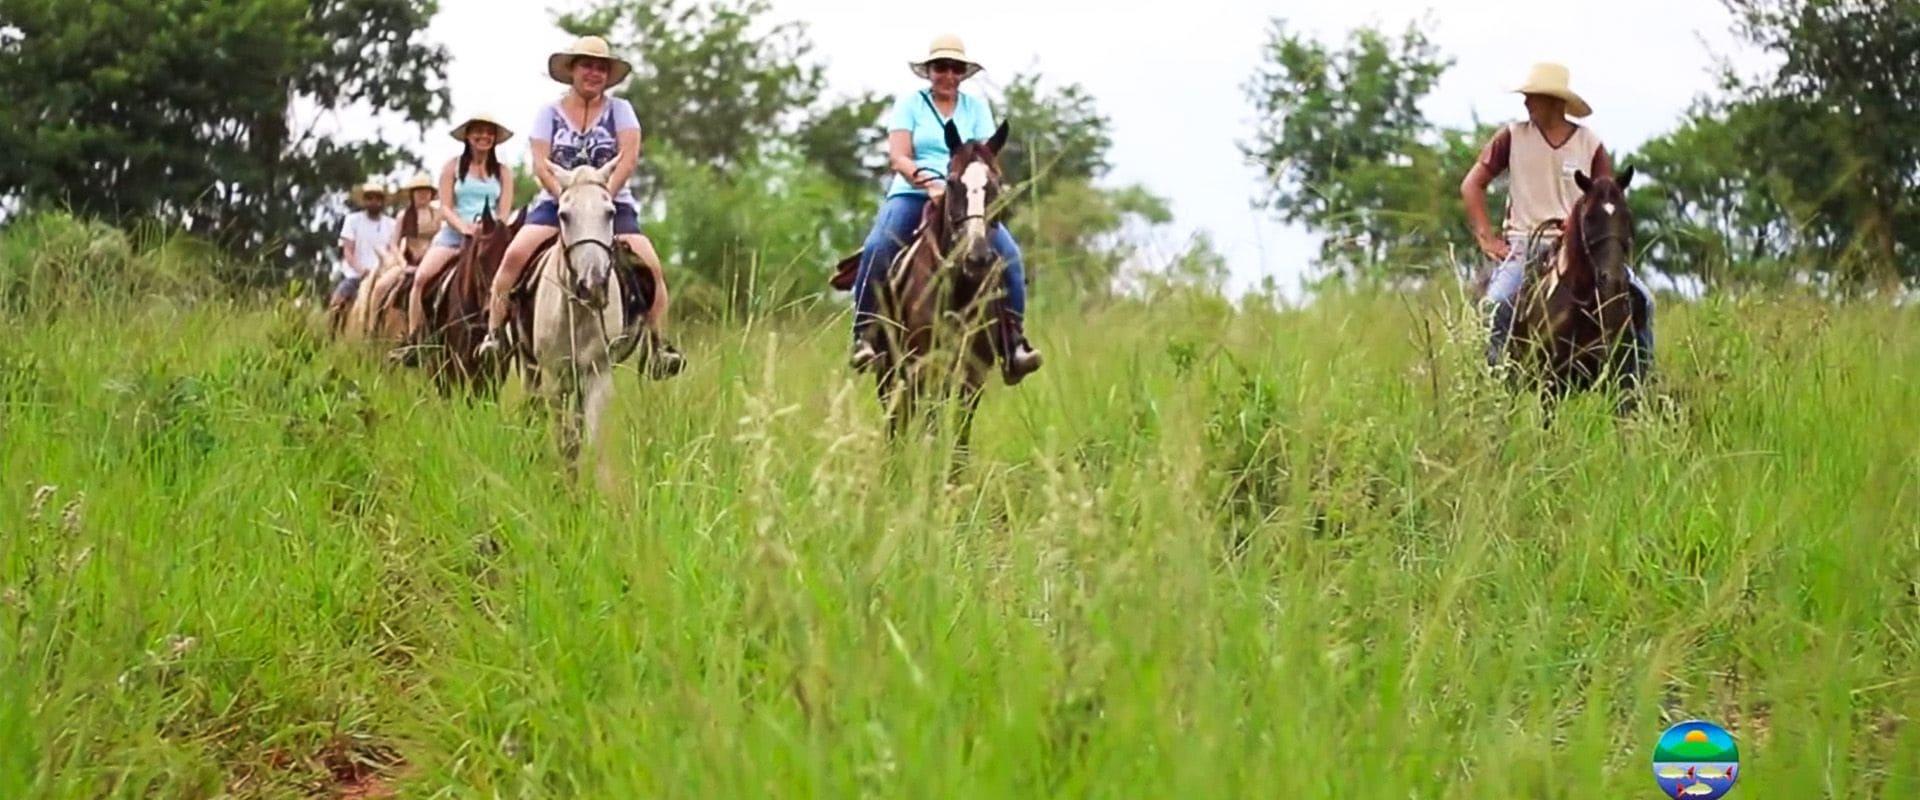 Cavalgada no Parque Ecológico do Rio Formoso